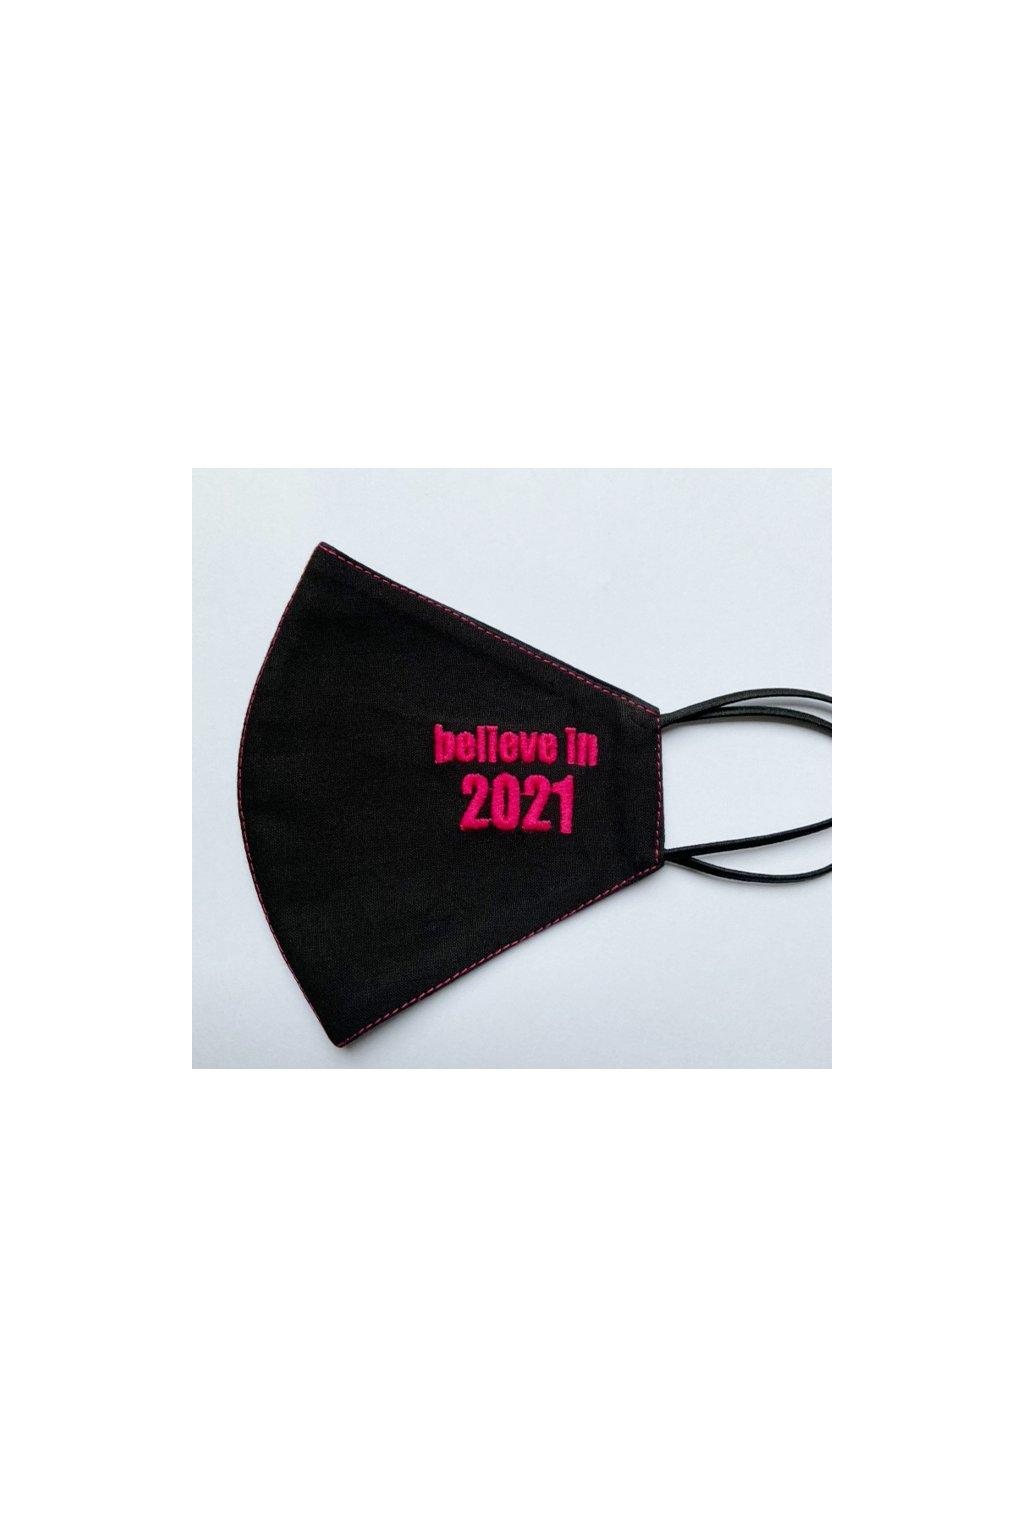 cierne 2021 believein 1